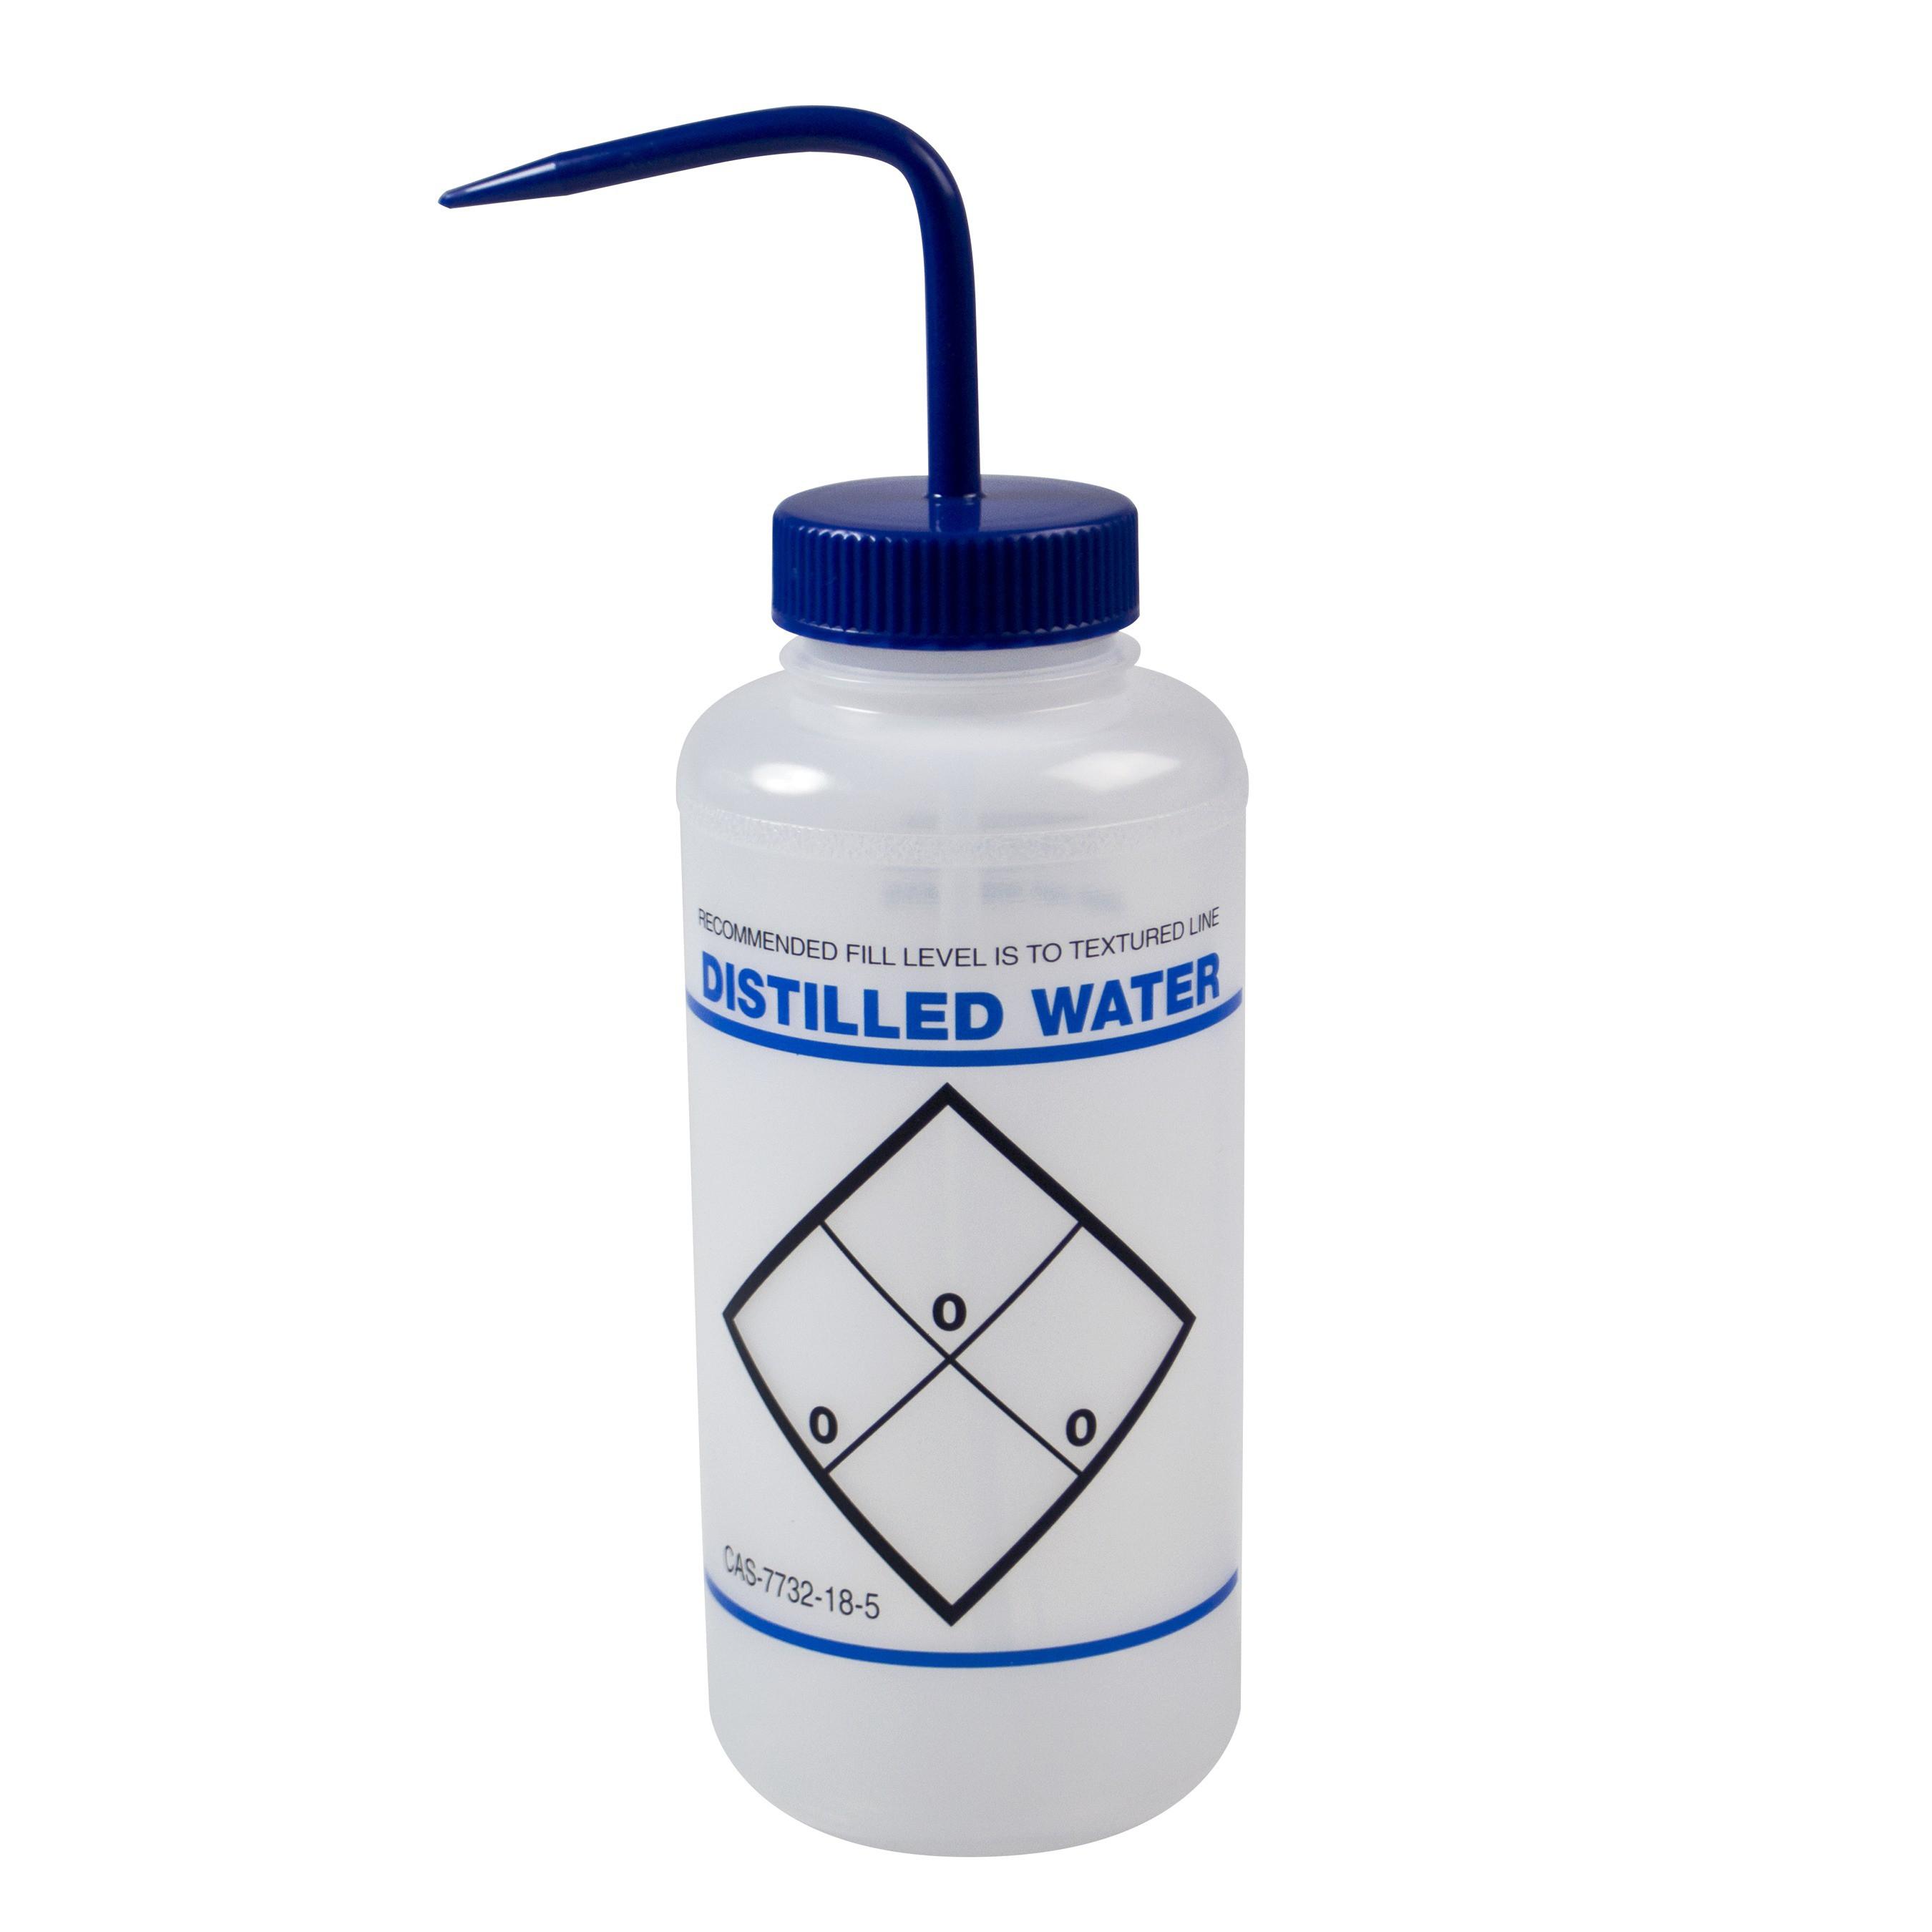 Bel-Art Safety-Labeled 2-Color Distilled Water Wide-Mouth Wash Bottles; 1000ml (32oz), Polyethylene w/Blue Polypropylene Cap (Pack of 6)